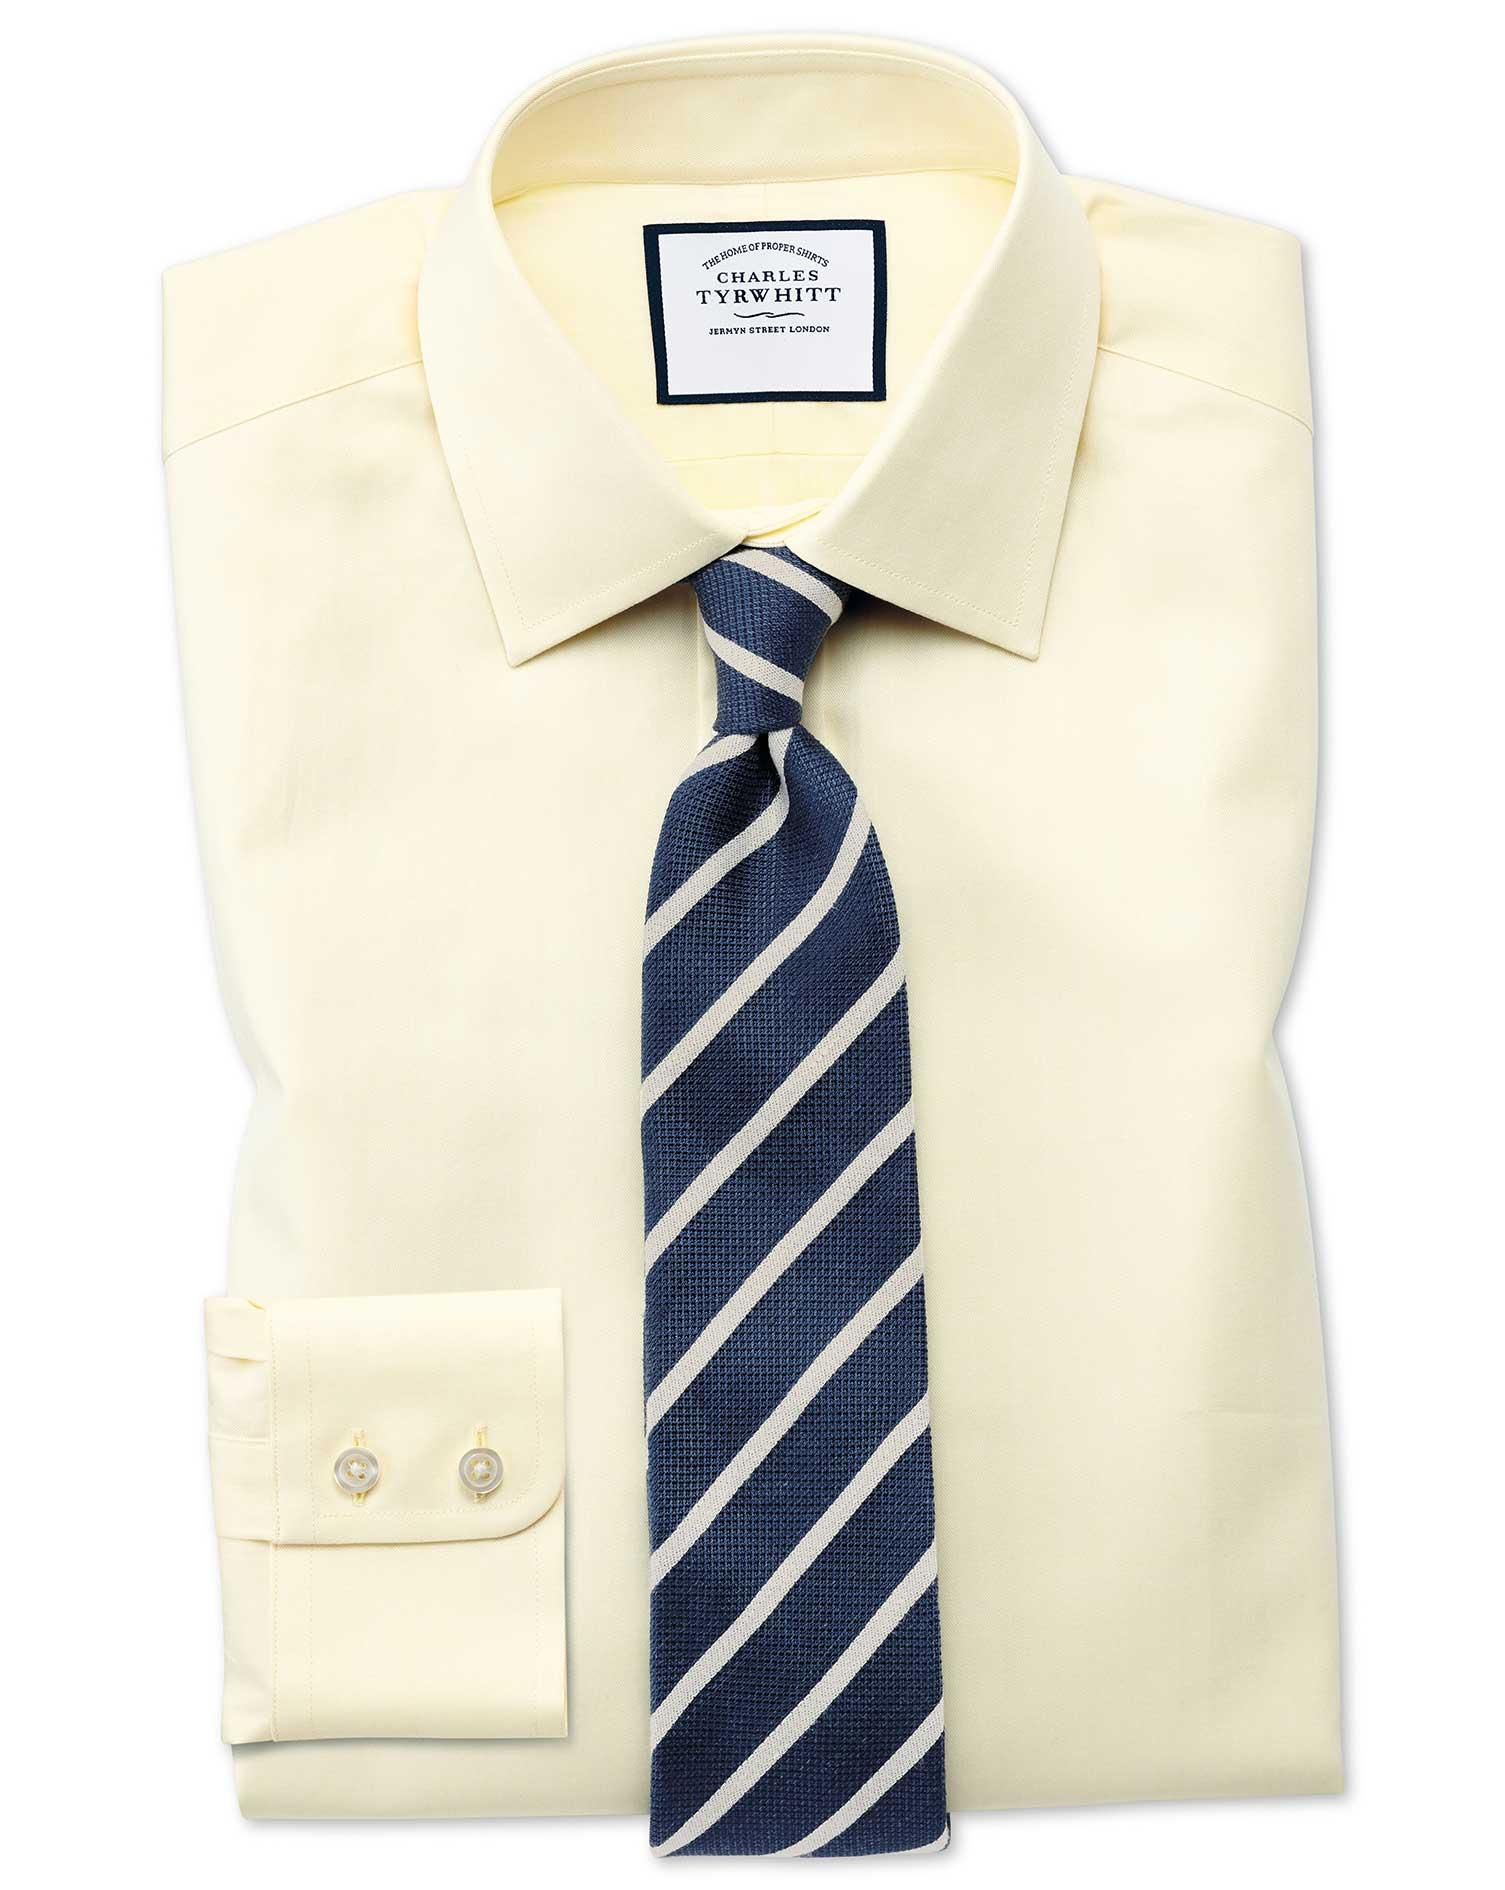 Extra Slim Fit Fine Herringbone Yellow Shirt Charles